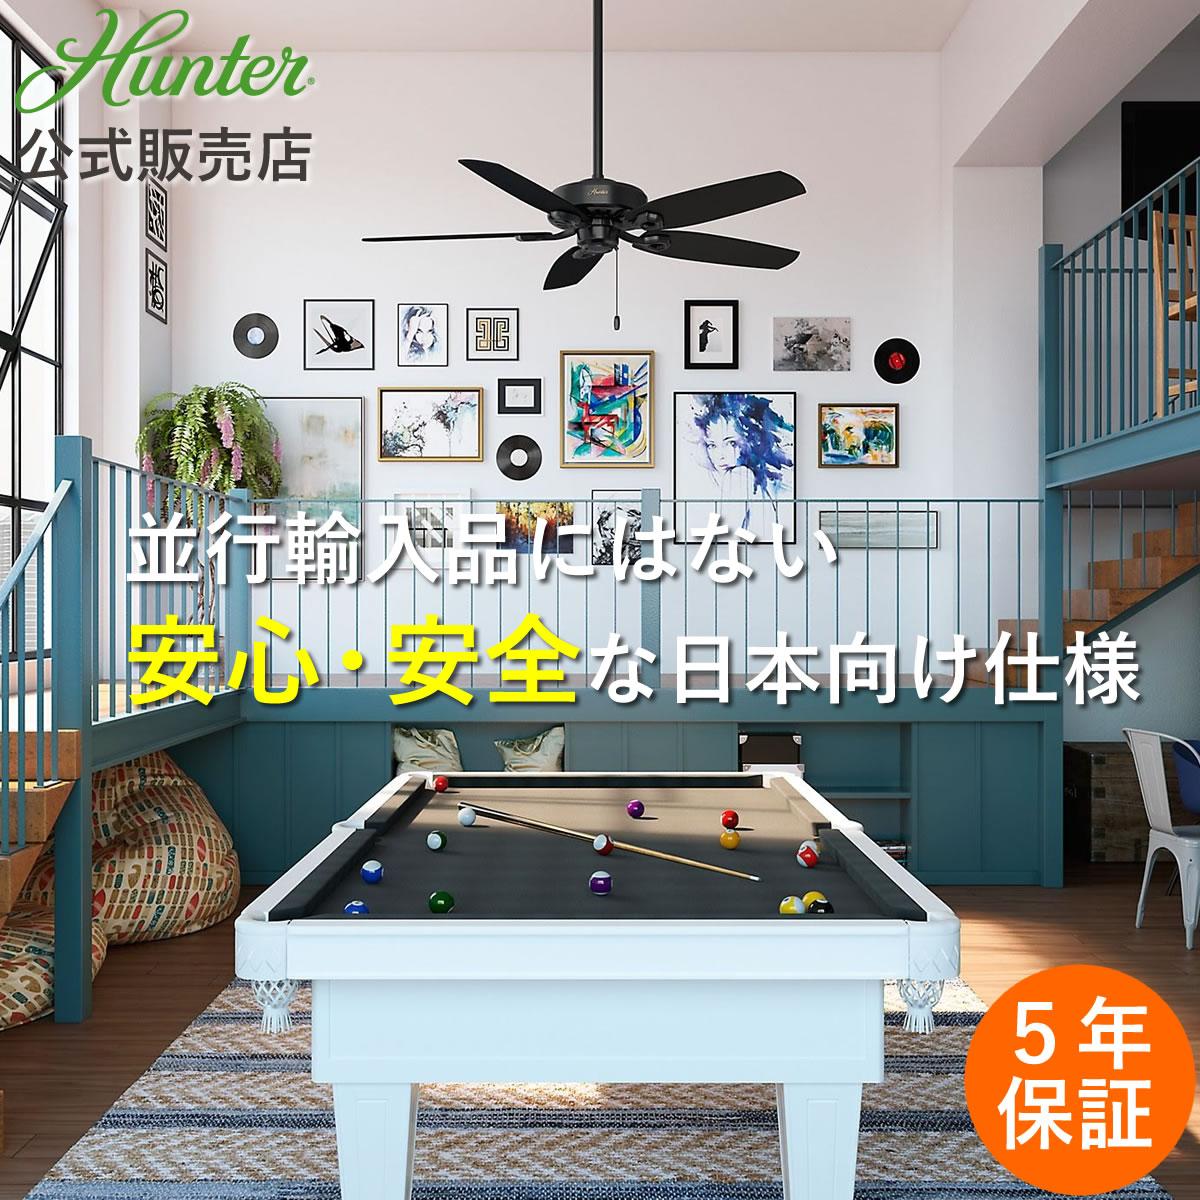 【即納・送料無料】Hunter ハンター シーリングファン ビルダーエリート マットブラック 53243 傾斜天井 オシャレ 吹き抜け